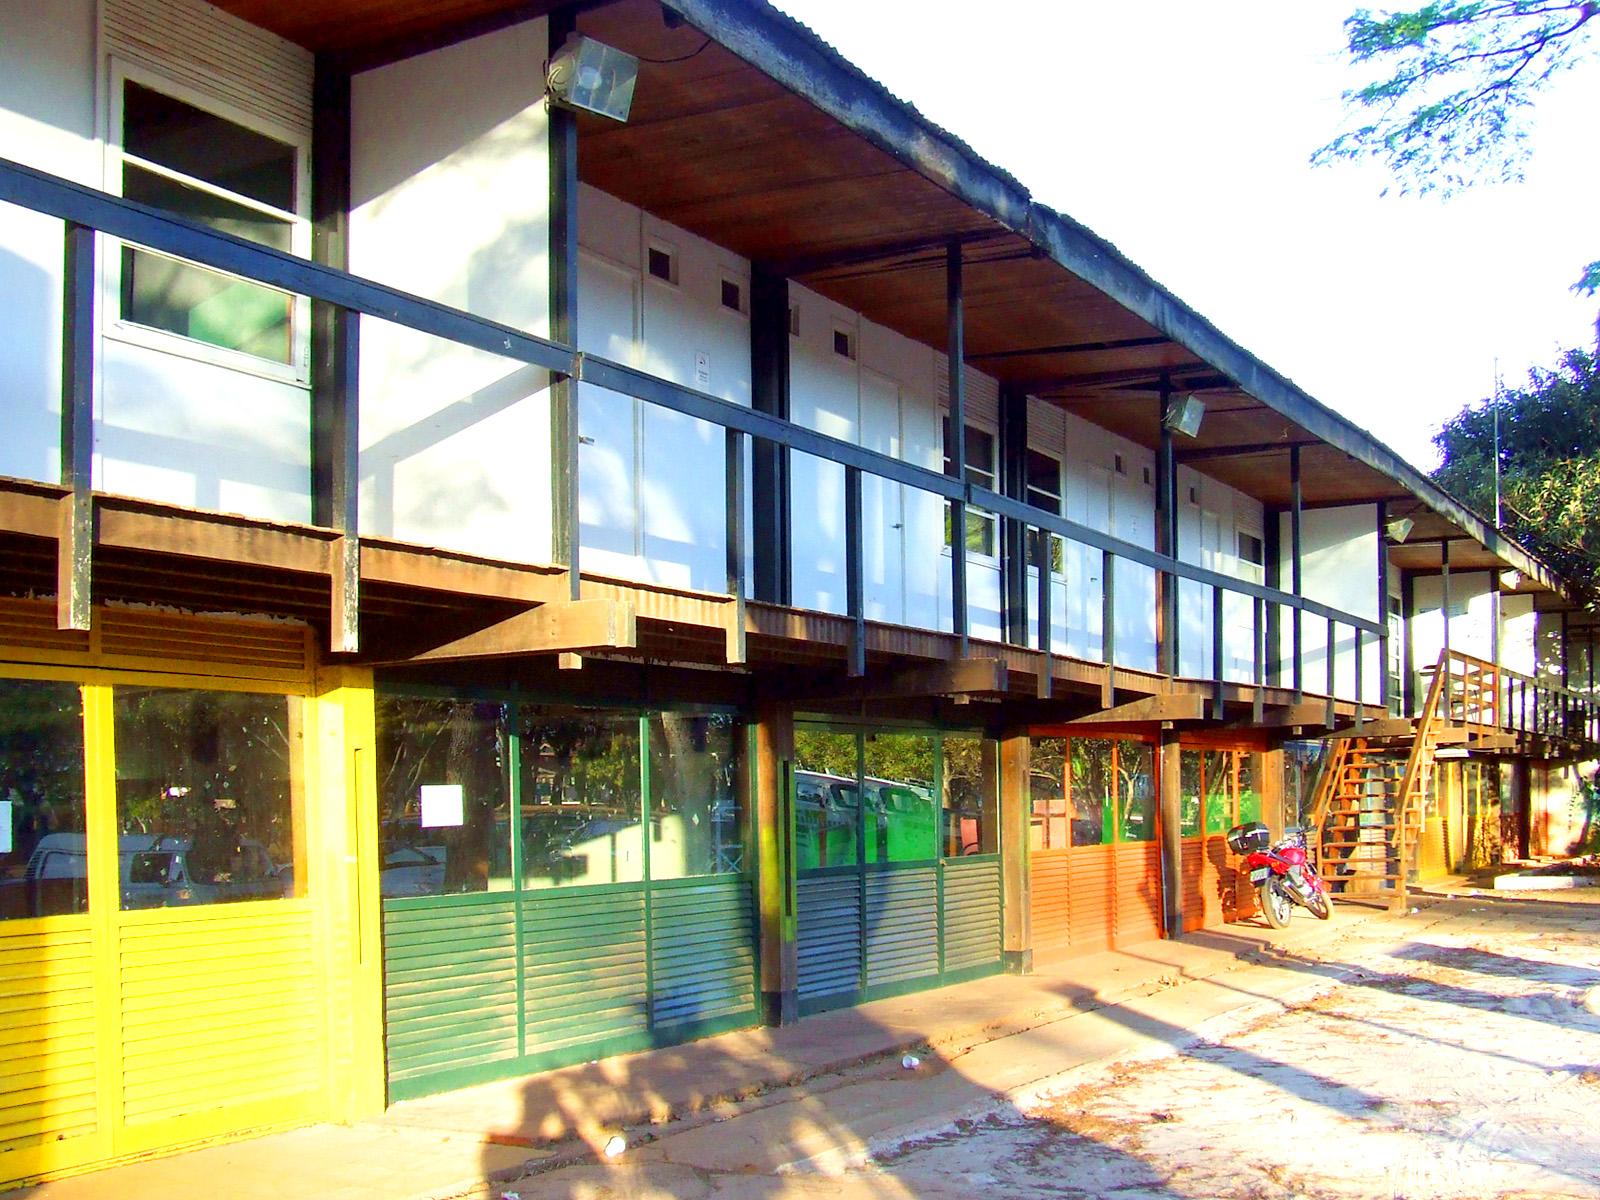 Alojamentos da UnB feitos usando sistema padronizado de construção (Sérgio Rodrigues, 1962)